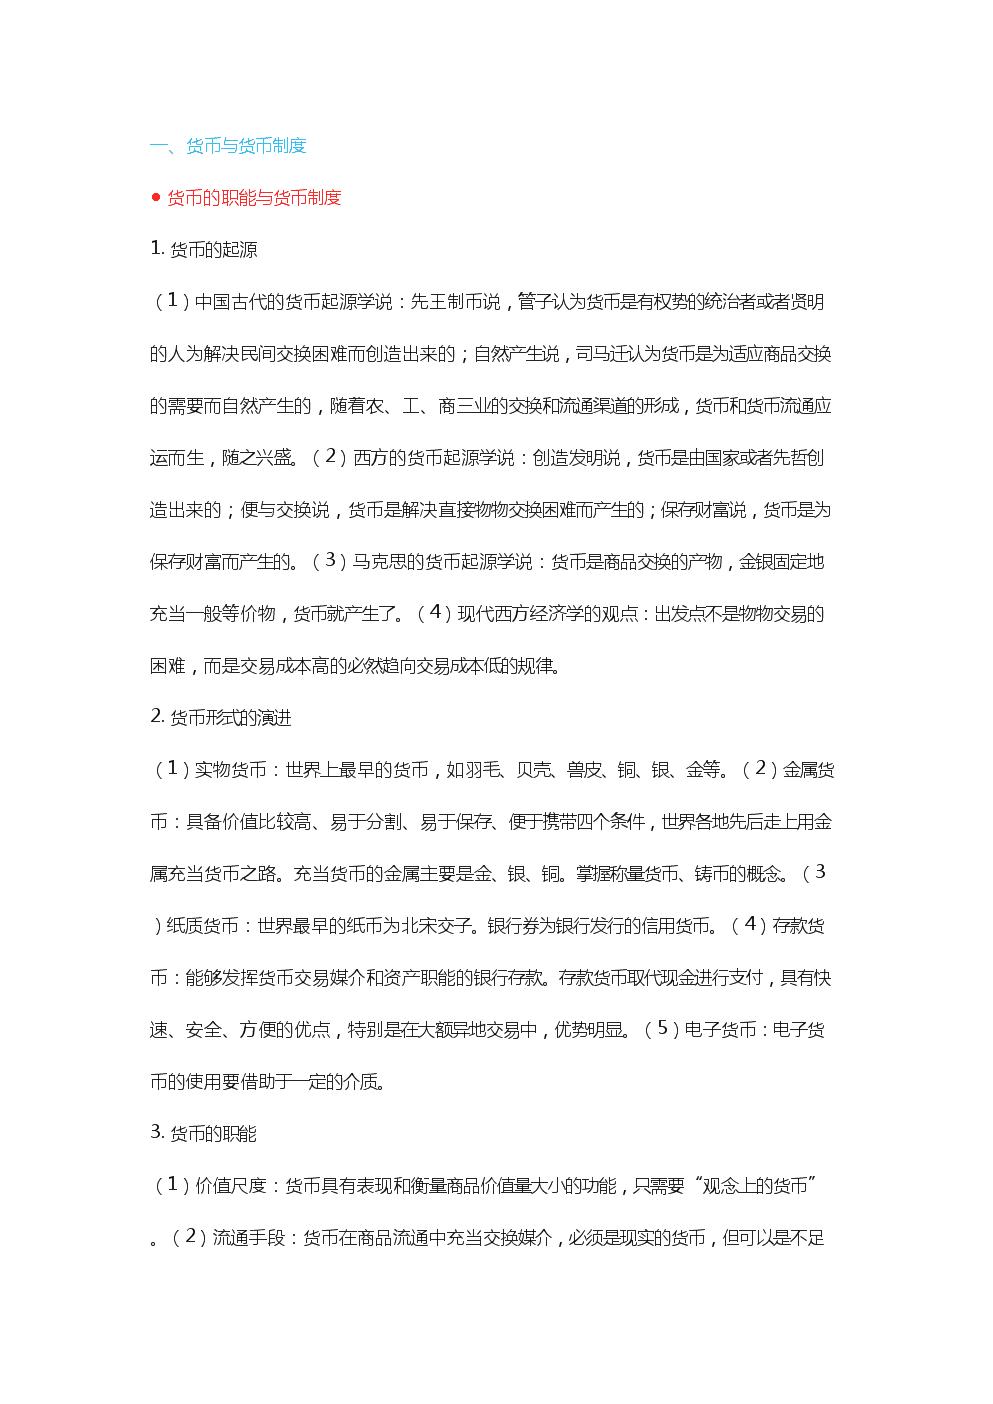 金融专硕431-金融学重点的复习知识点.doc